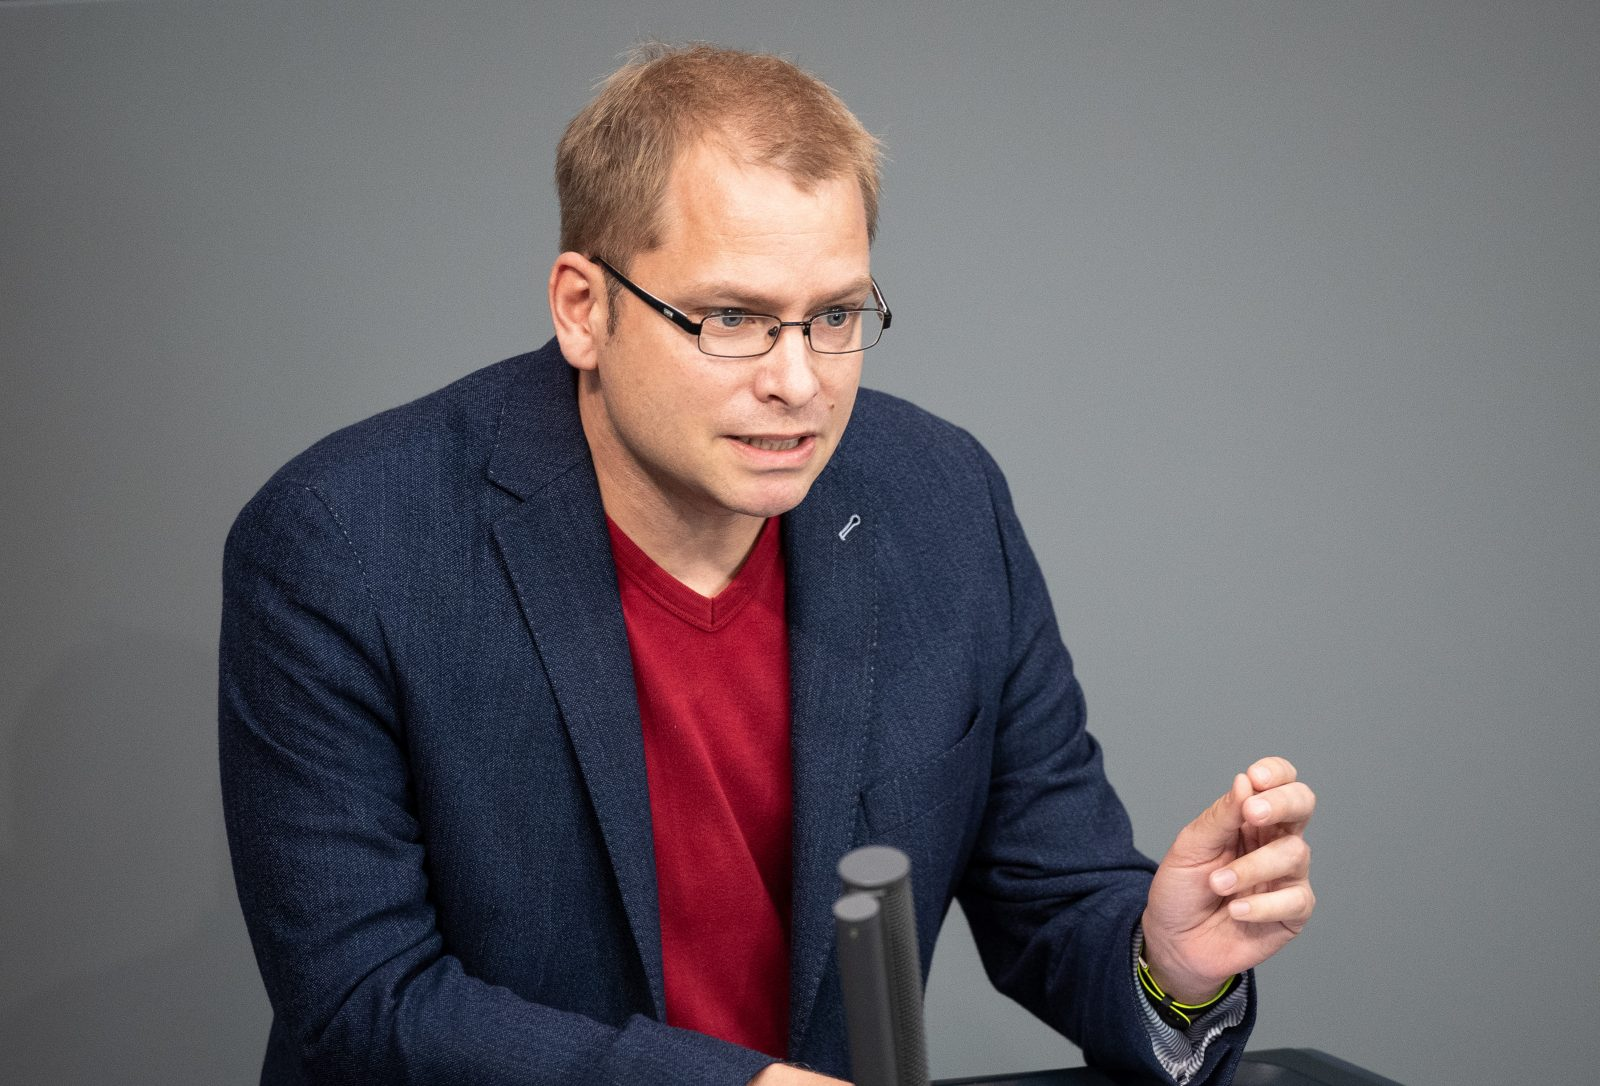 Lorenz Gösta Beutin (Linkspartei)